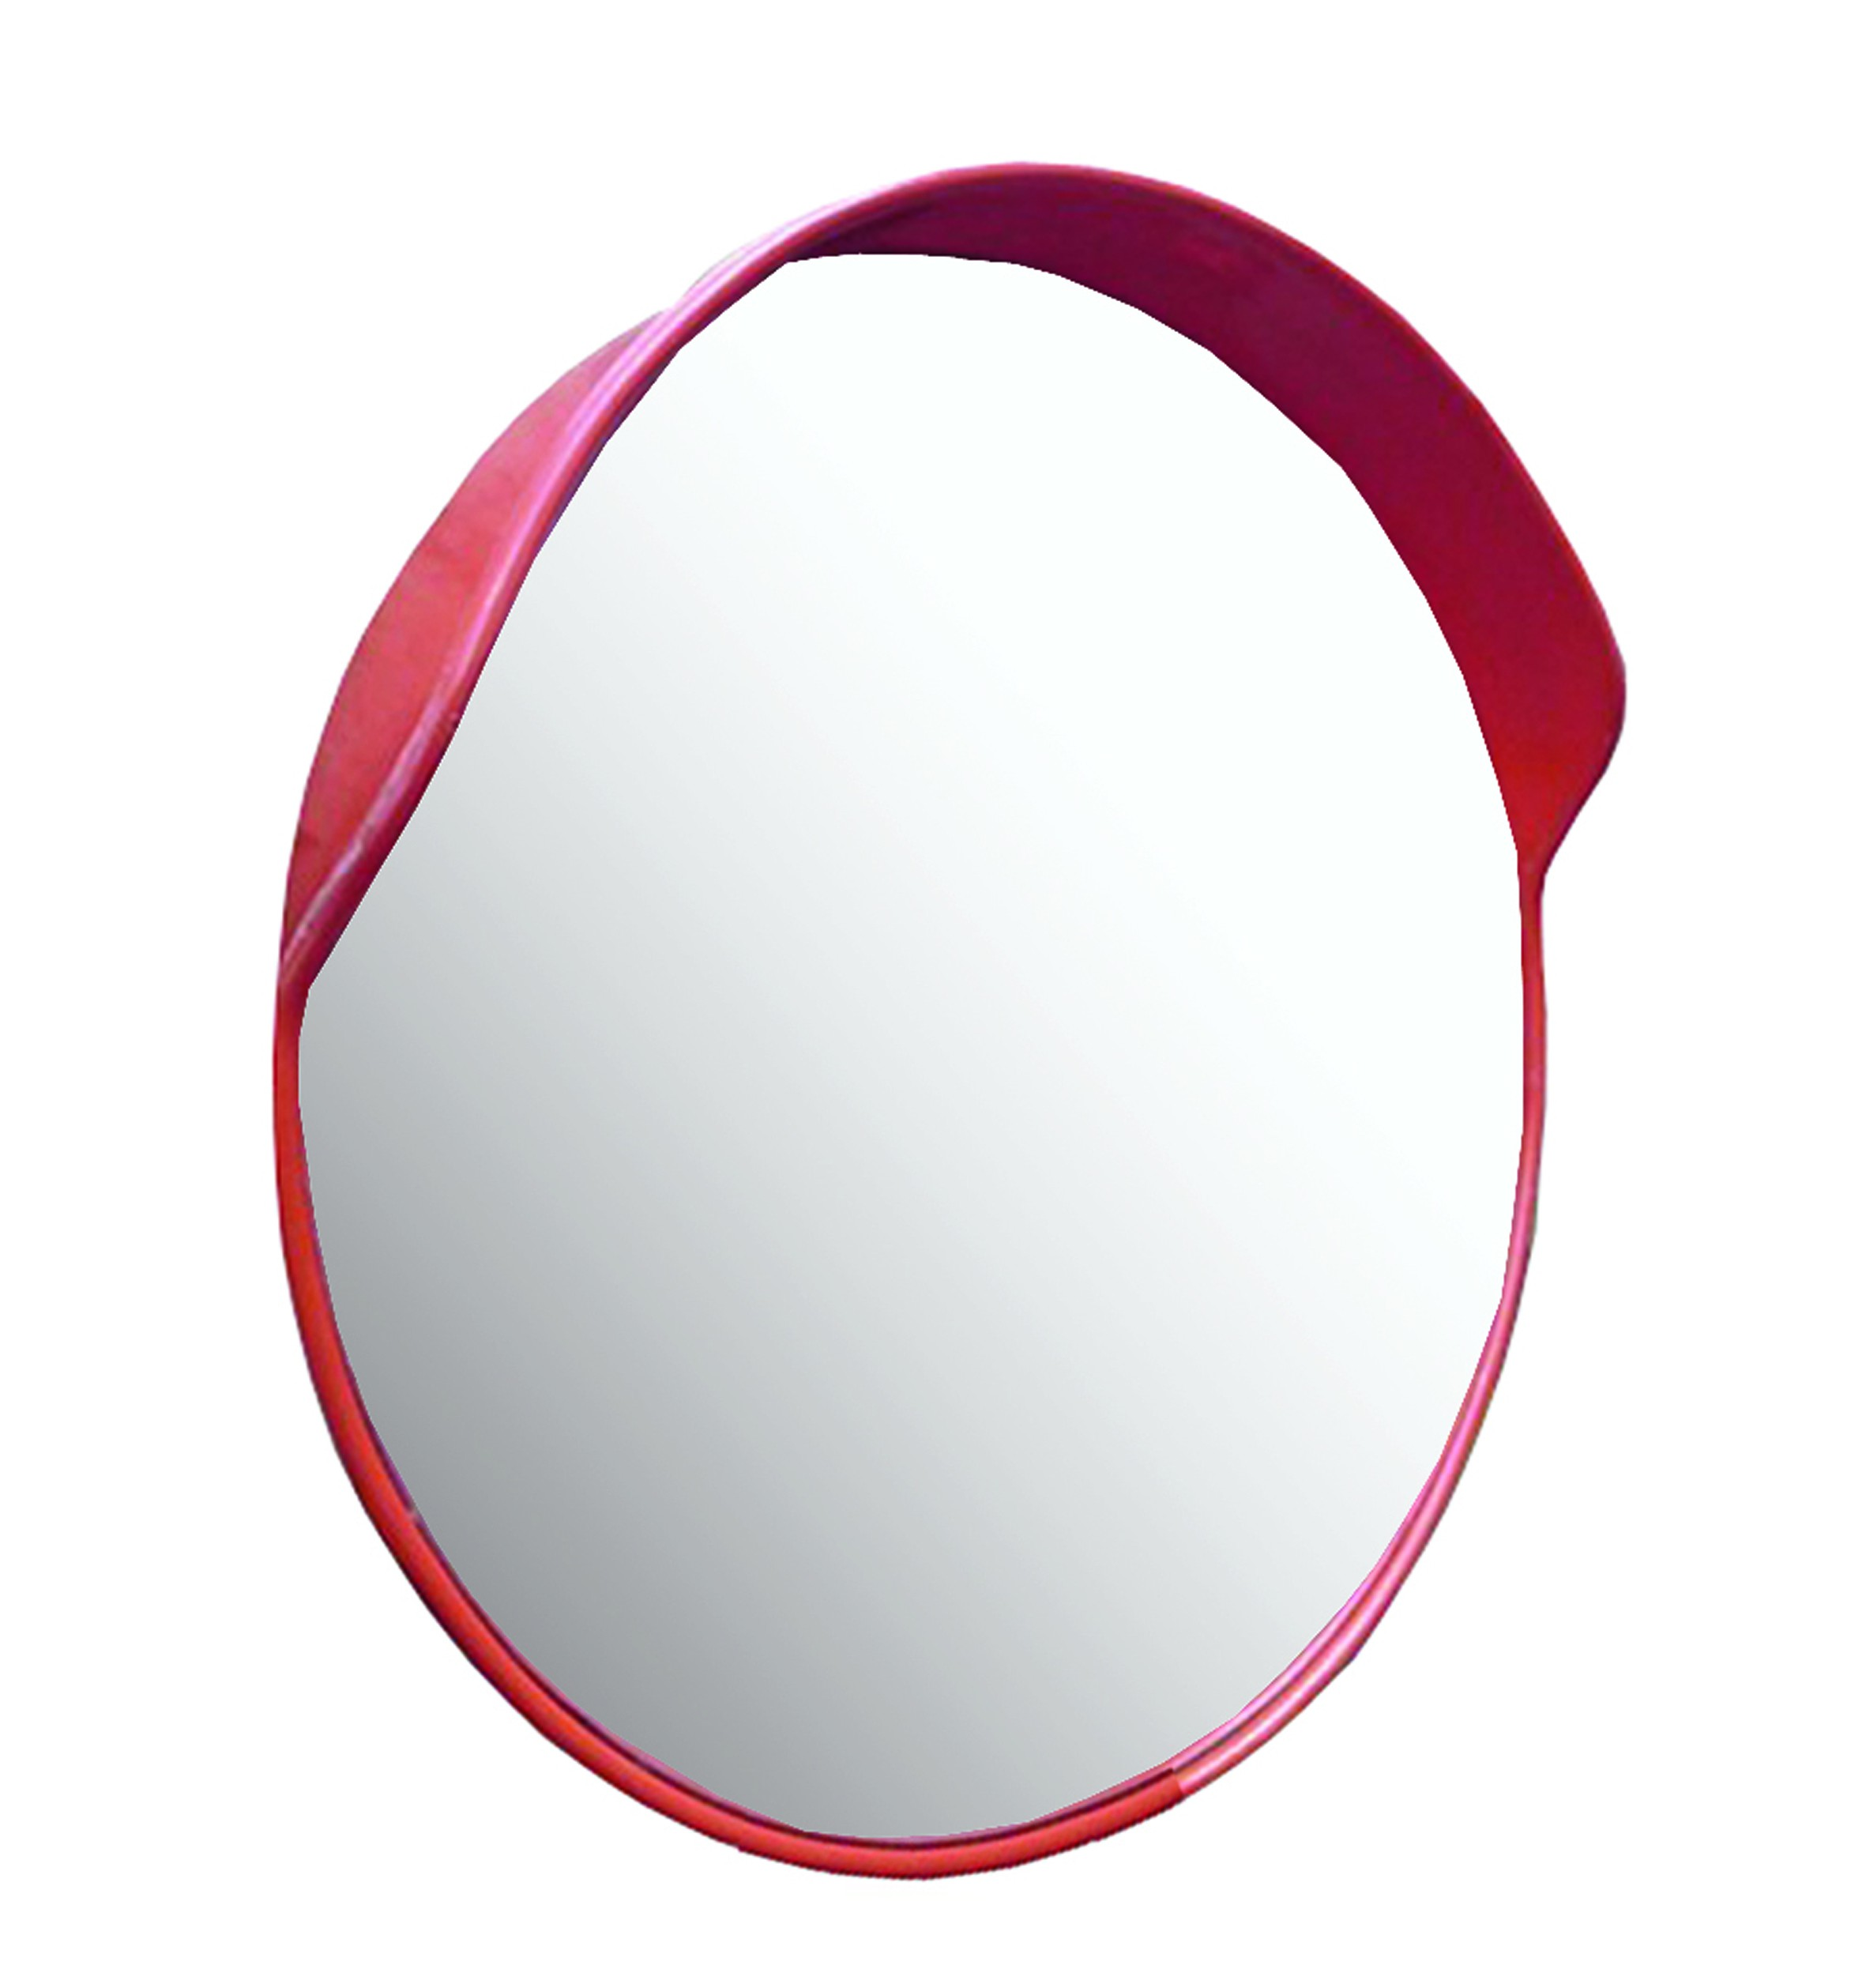 miroir s curit ext rieur achat miroir s curit. Black Bedroom Furniture Sets. Home Design Ideas